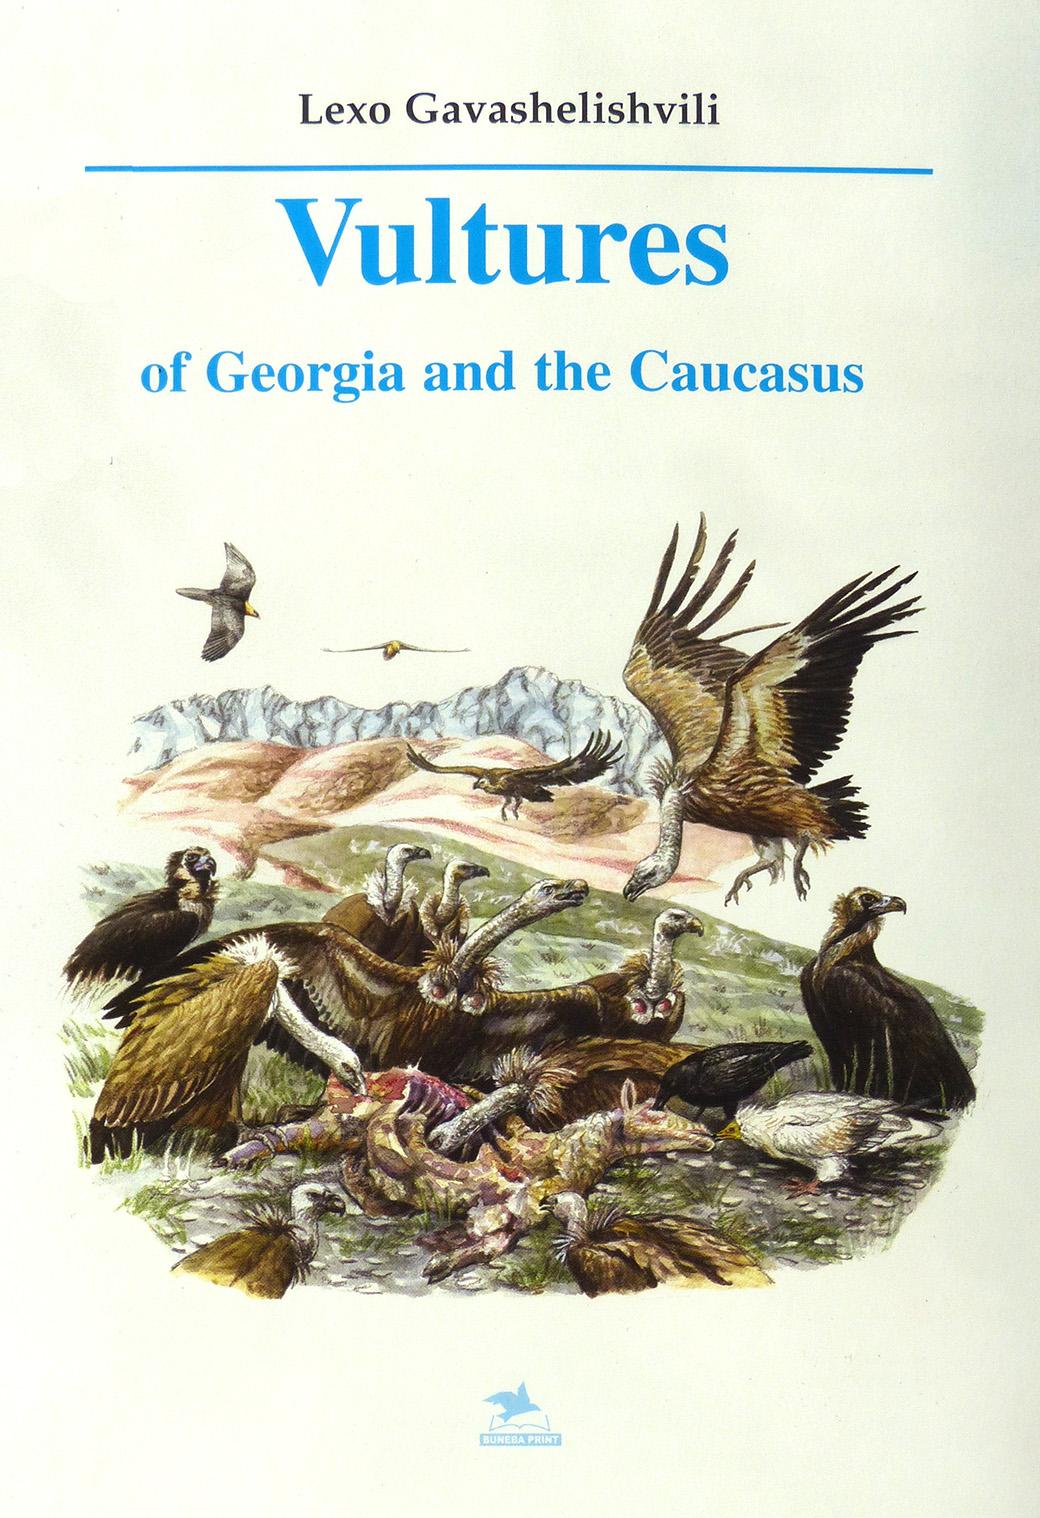 Vultures of Georgia-Caucasus